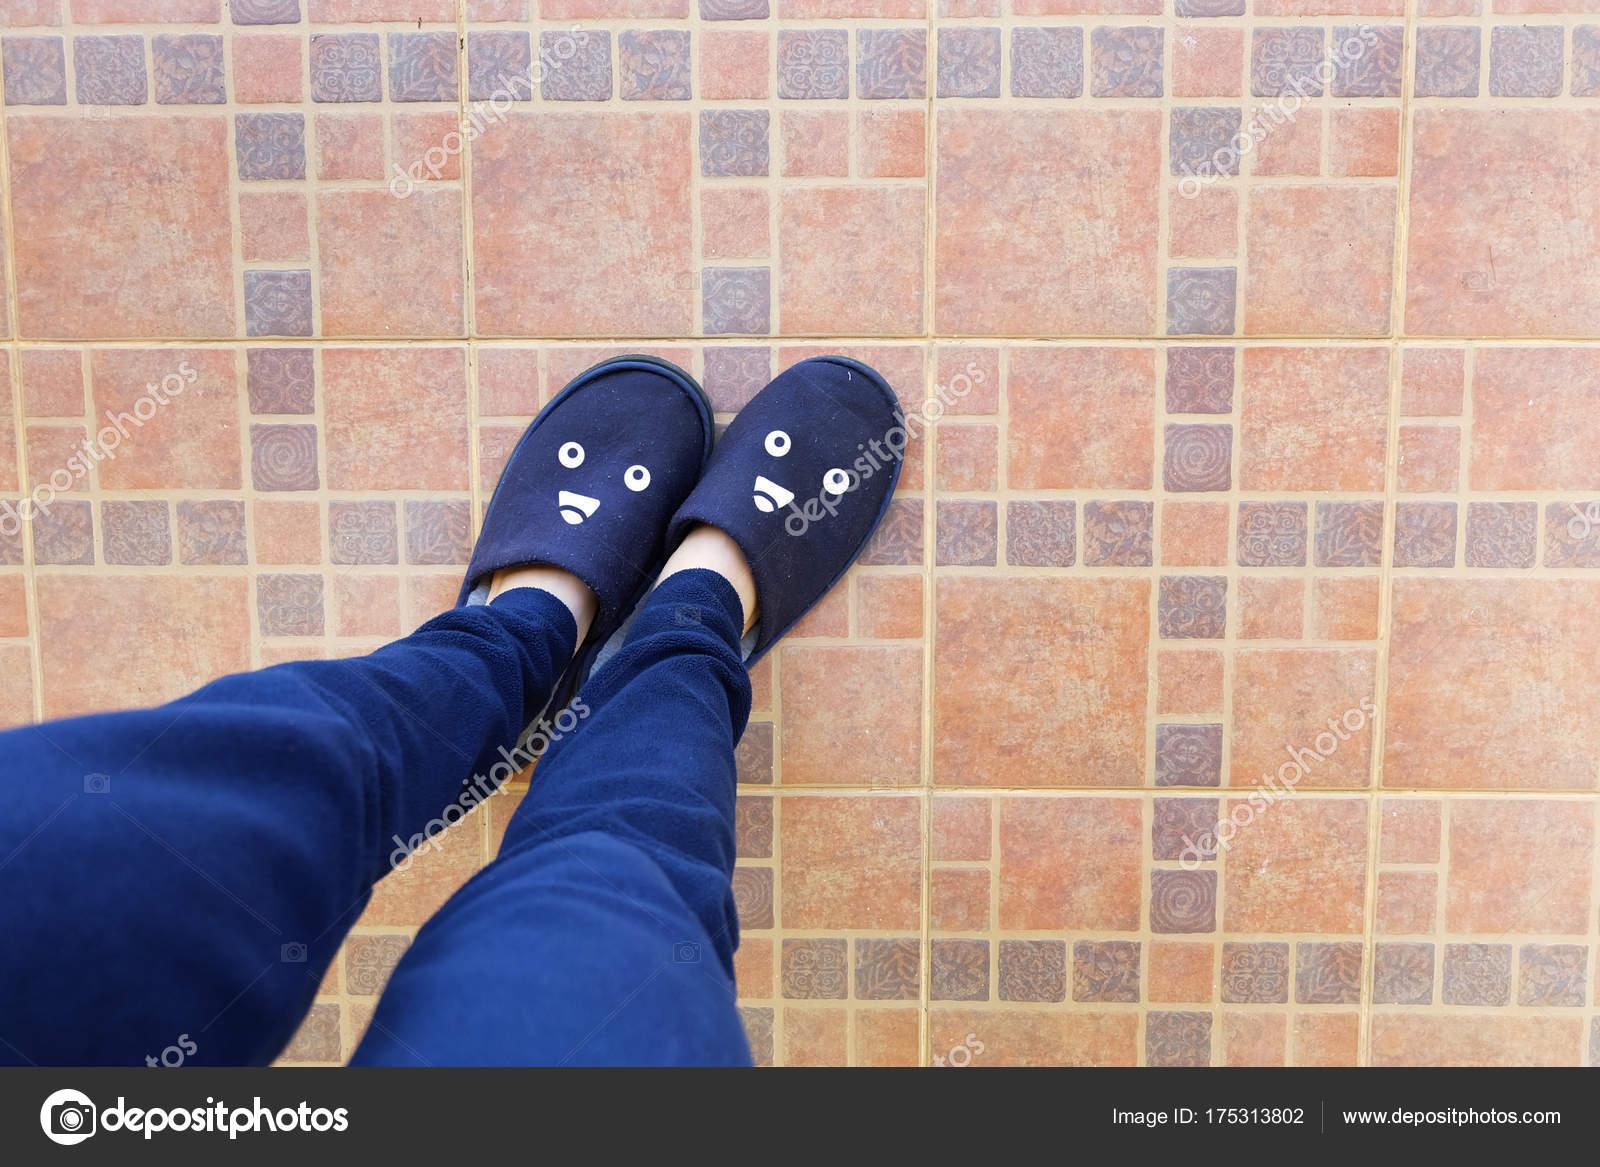 Piedini femminili pantofole blu donna nel concetto idea sorriso